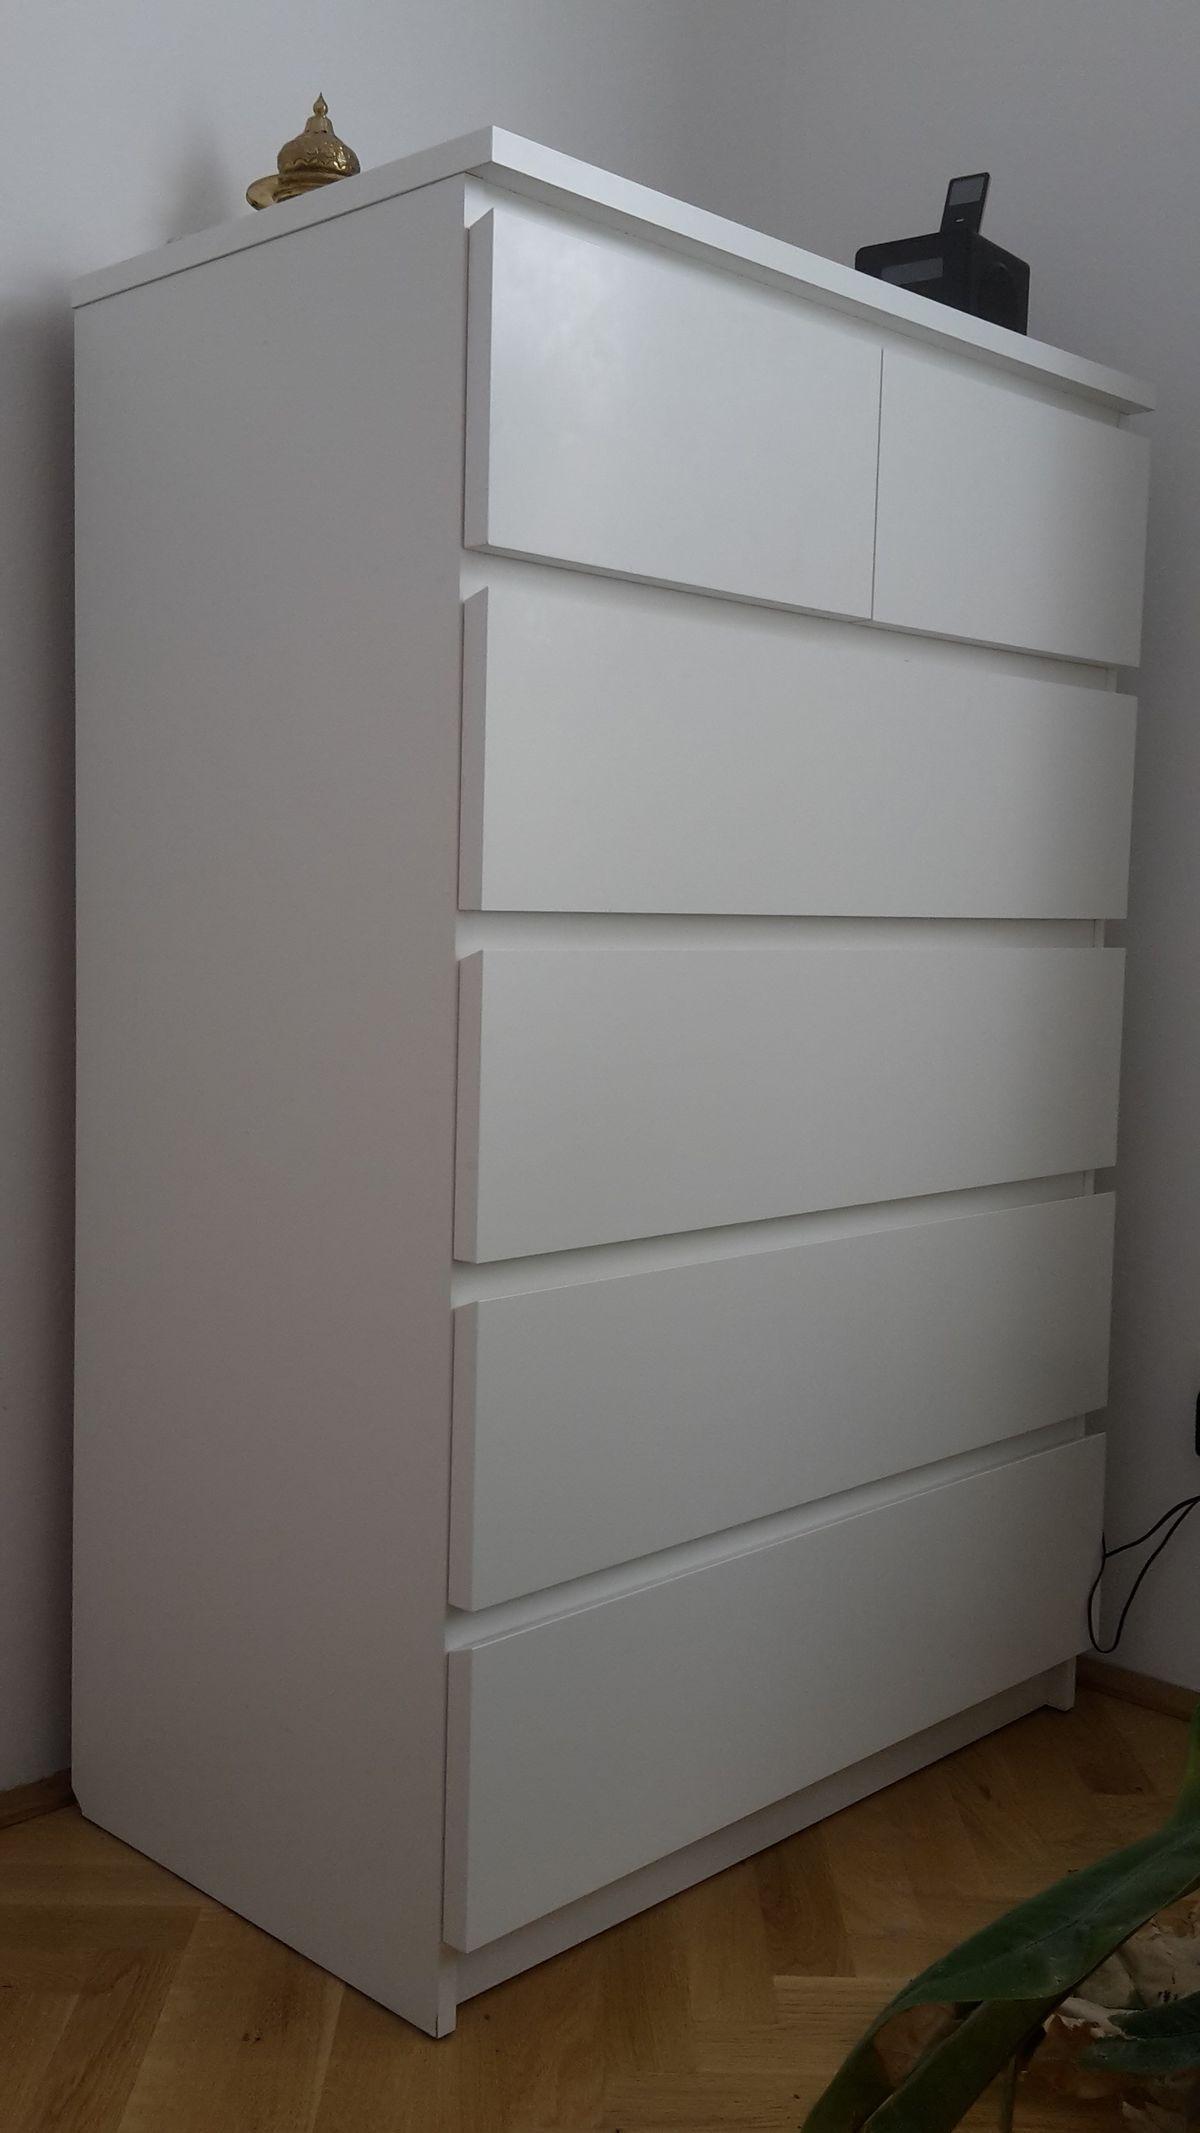 Spiegel Ikea Malm Kommode 6 Schubladen